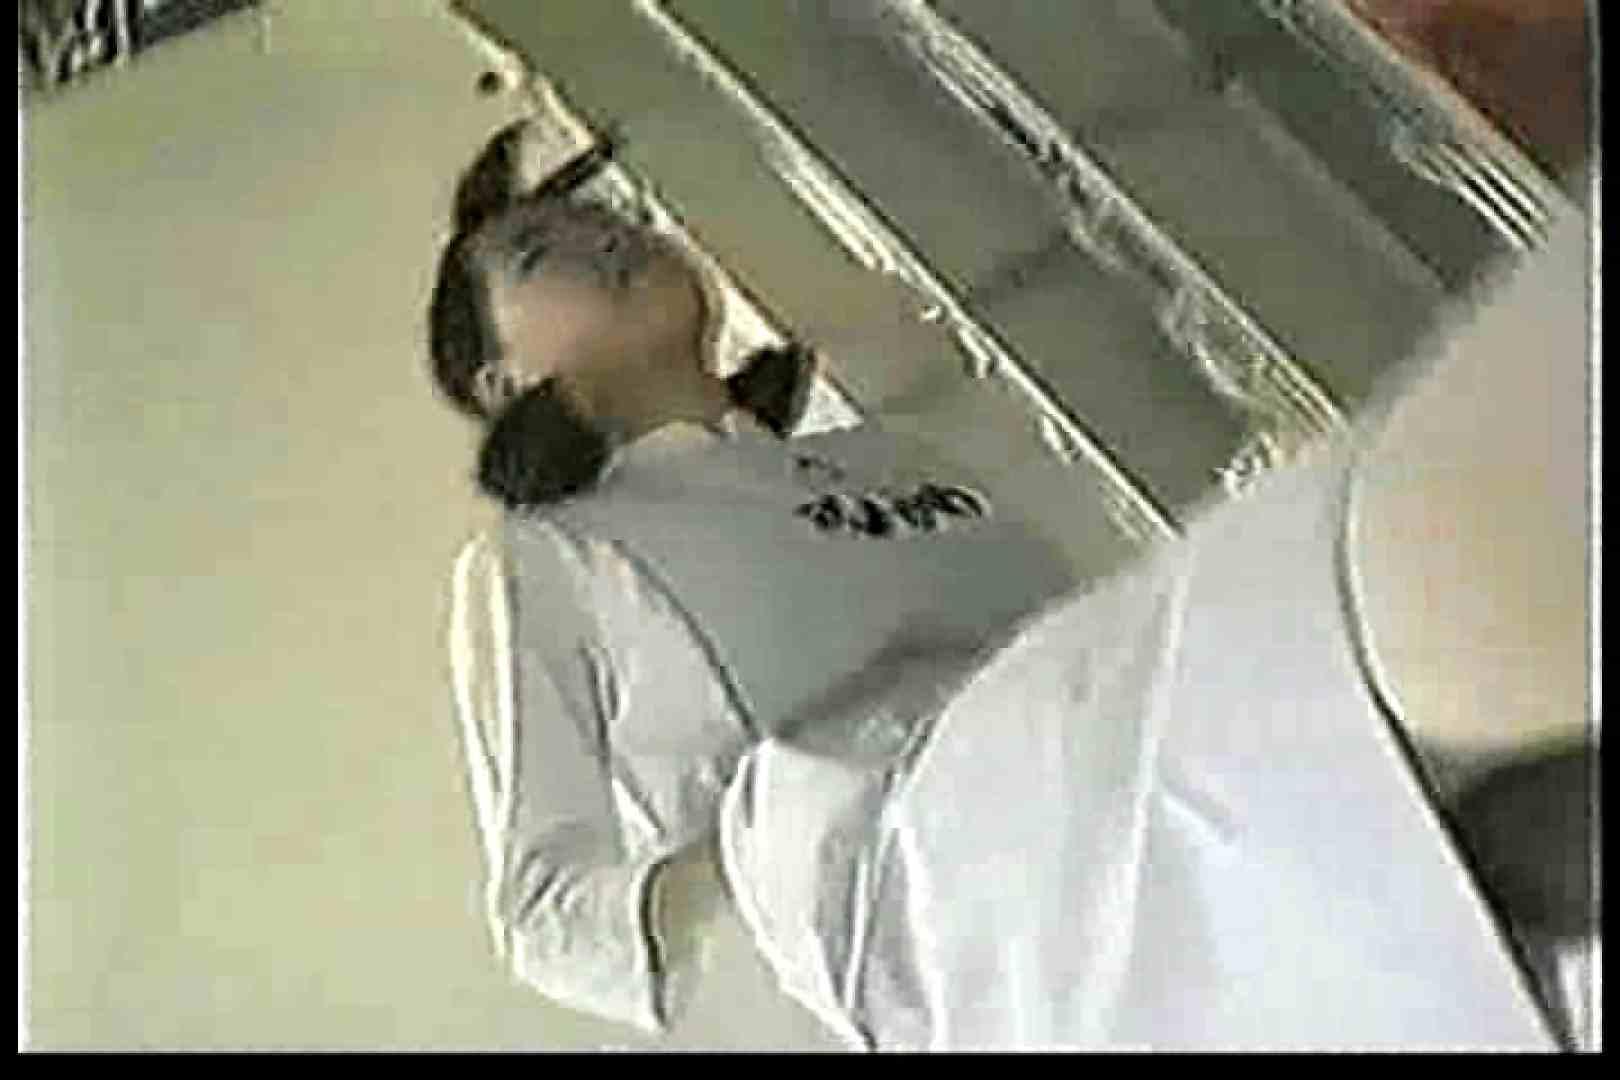 院内密着!看護婦達の下半身事情Vol.2 覗き 性交動画流出 105PIX 53